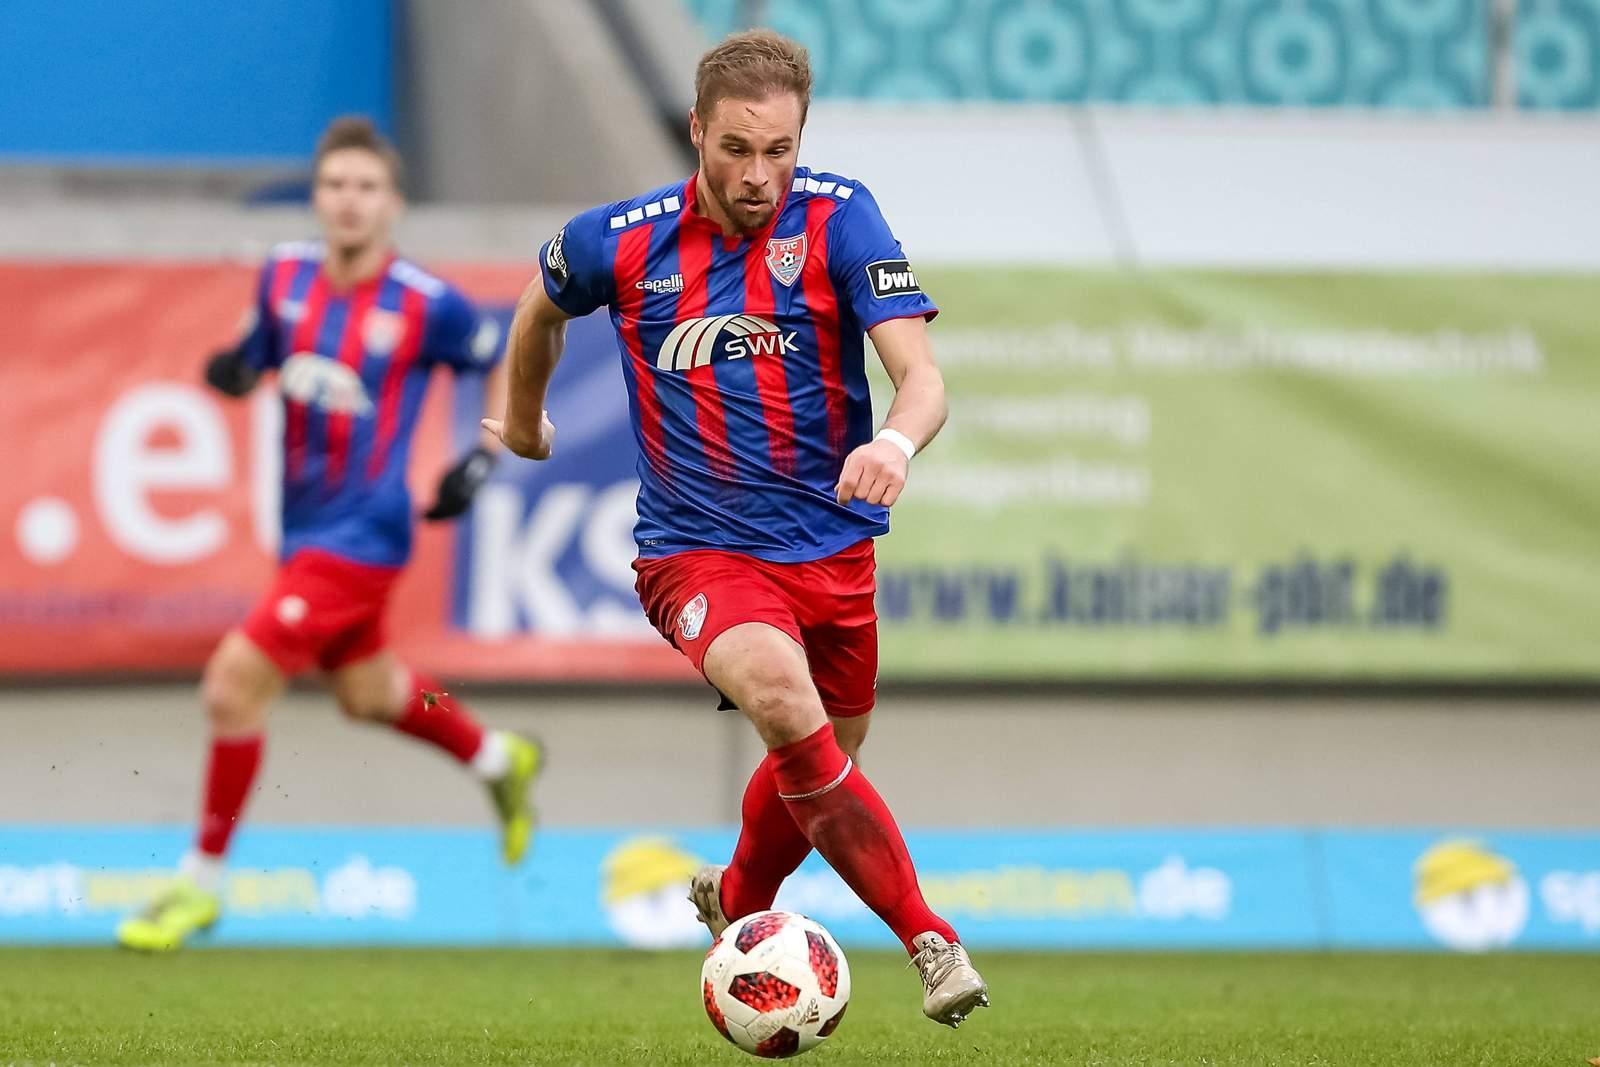 Trifft Maximilian Beister auch beim SV Wehen? Jetzt auf Wiesbaden gegen Uerdingen wetten.